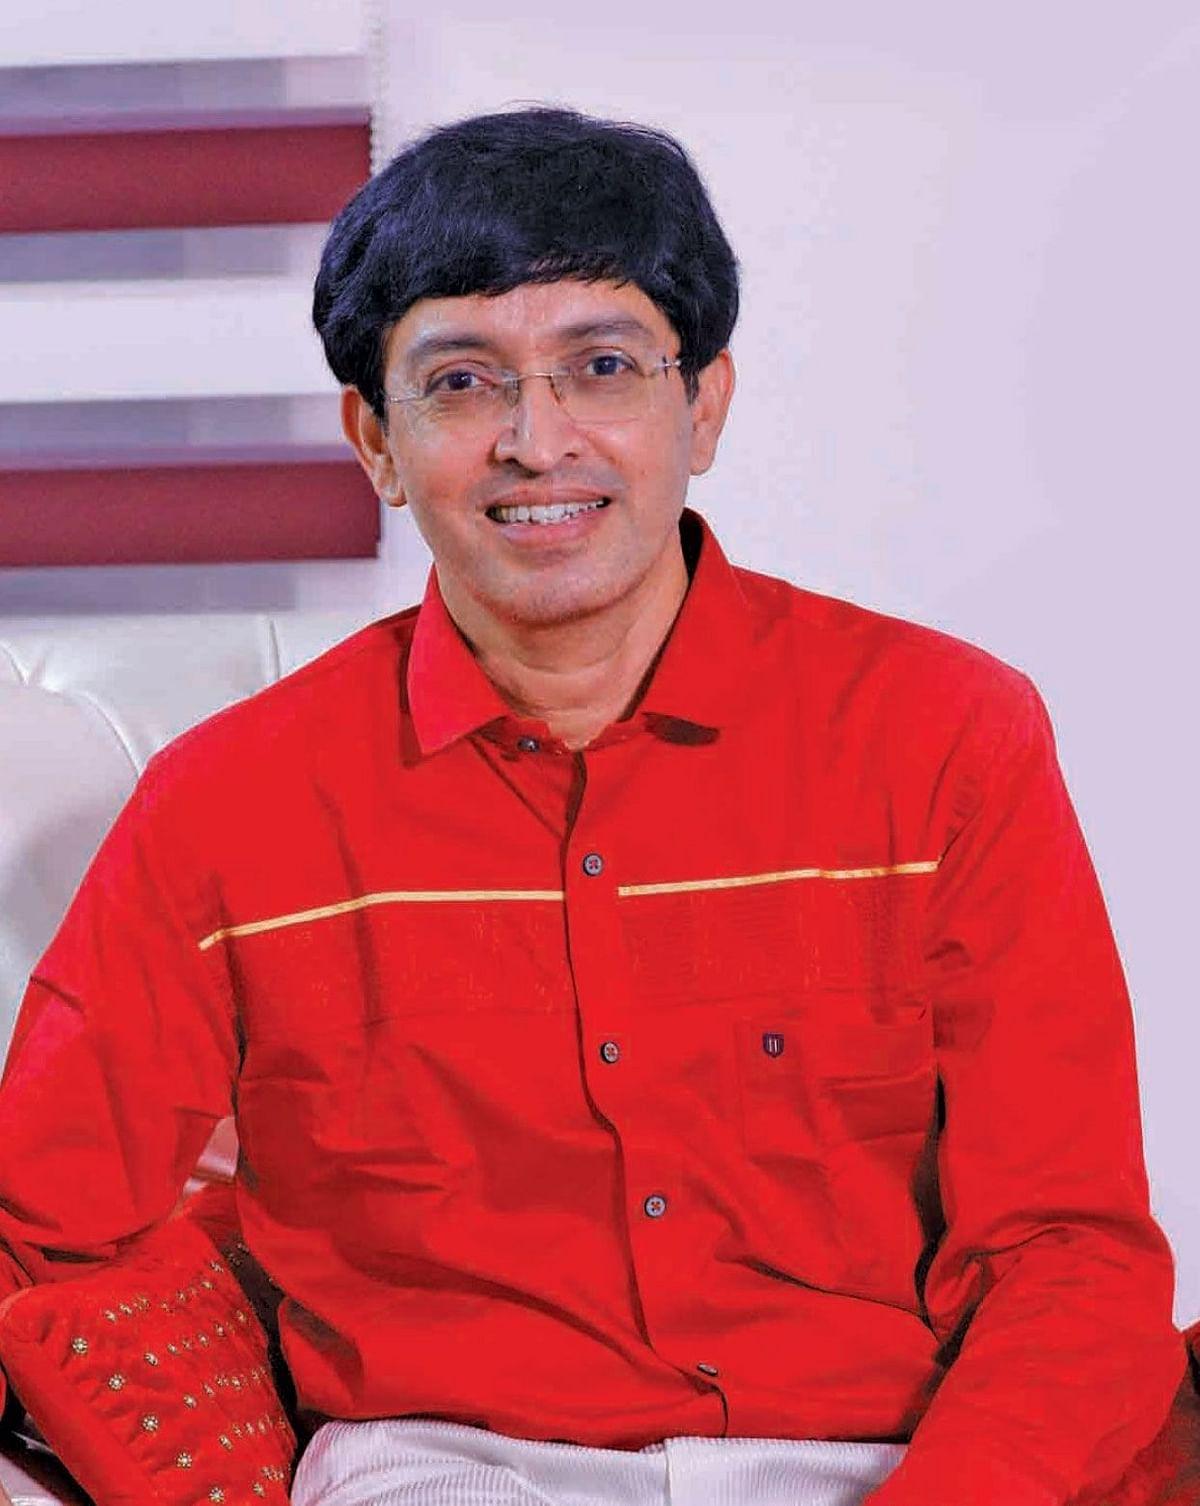 சுகாதாரத்துறைச் செயலாளர் ராதாகிருஷ்ணன்